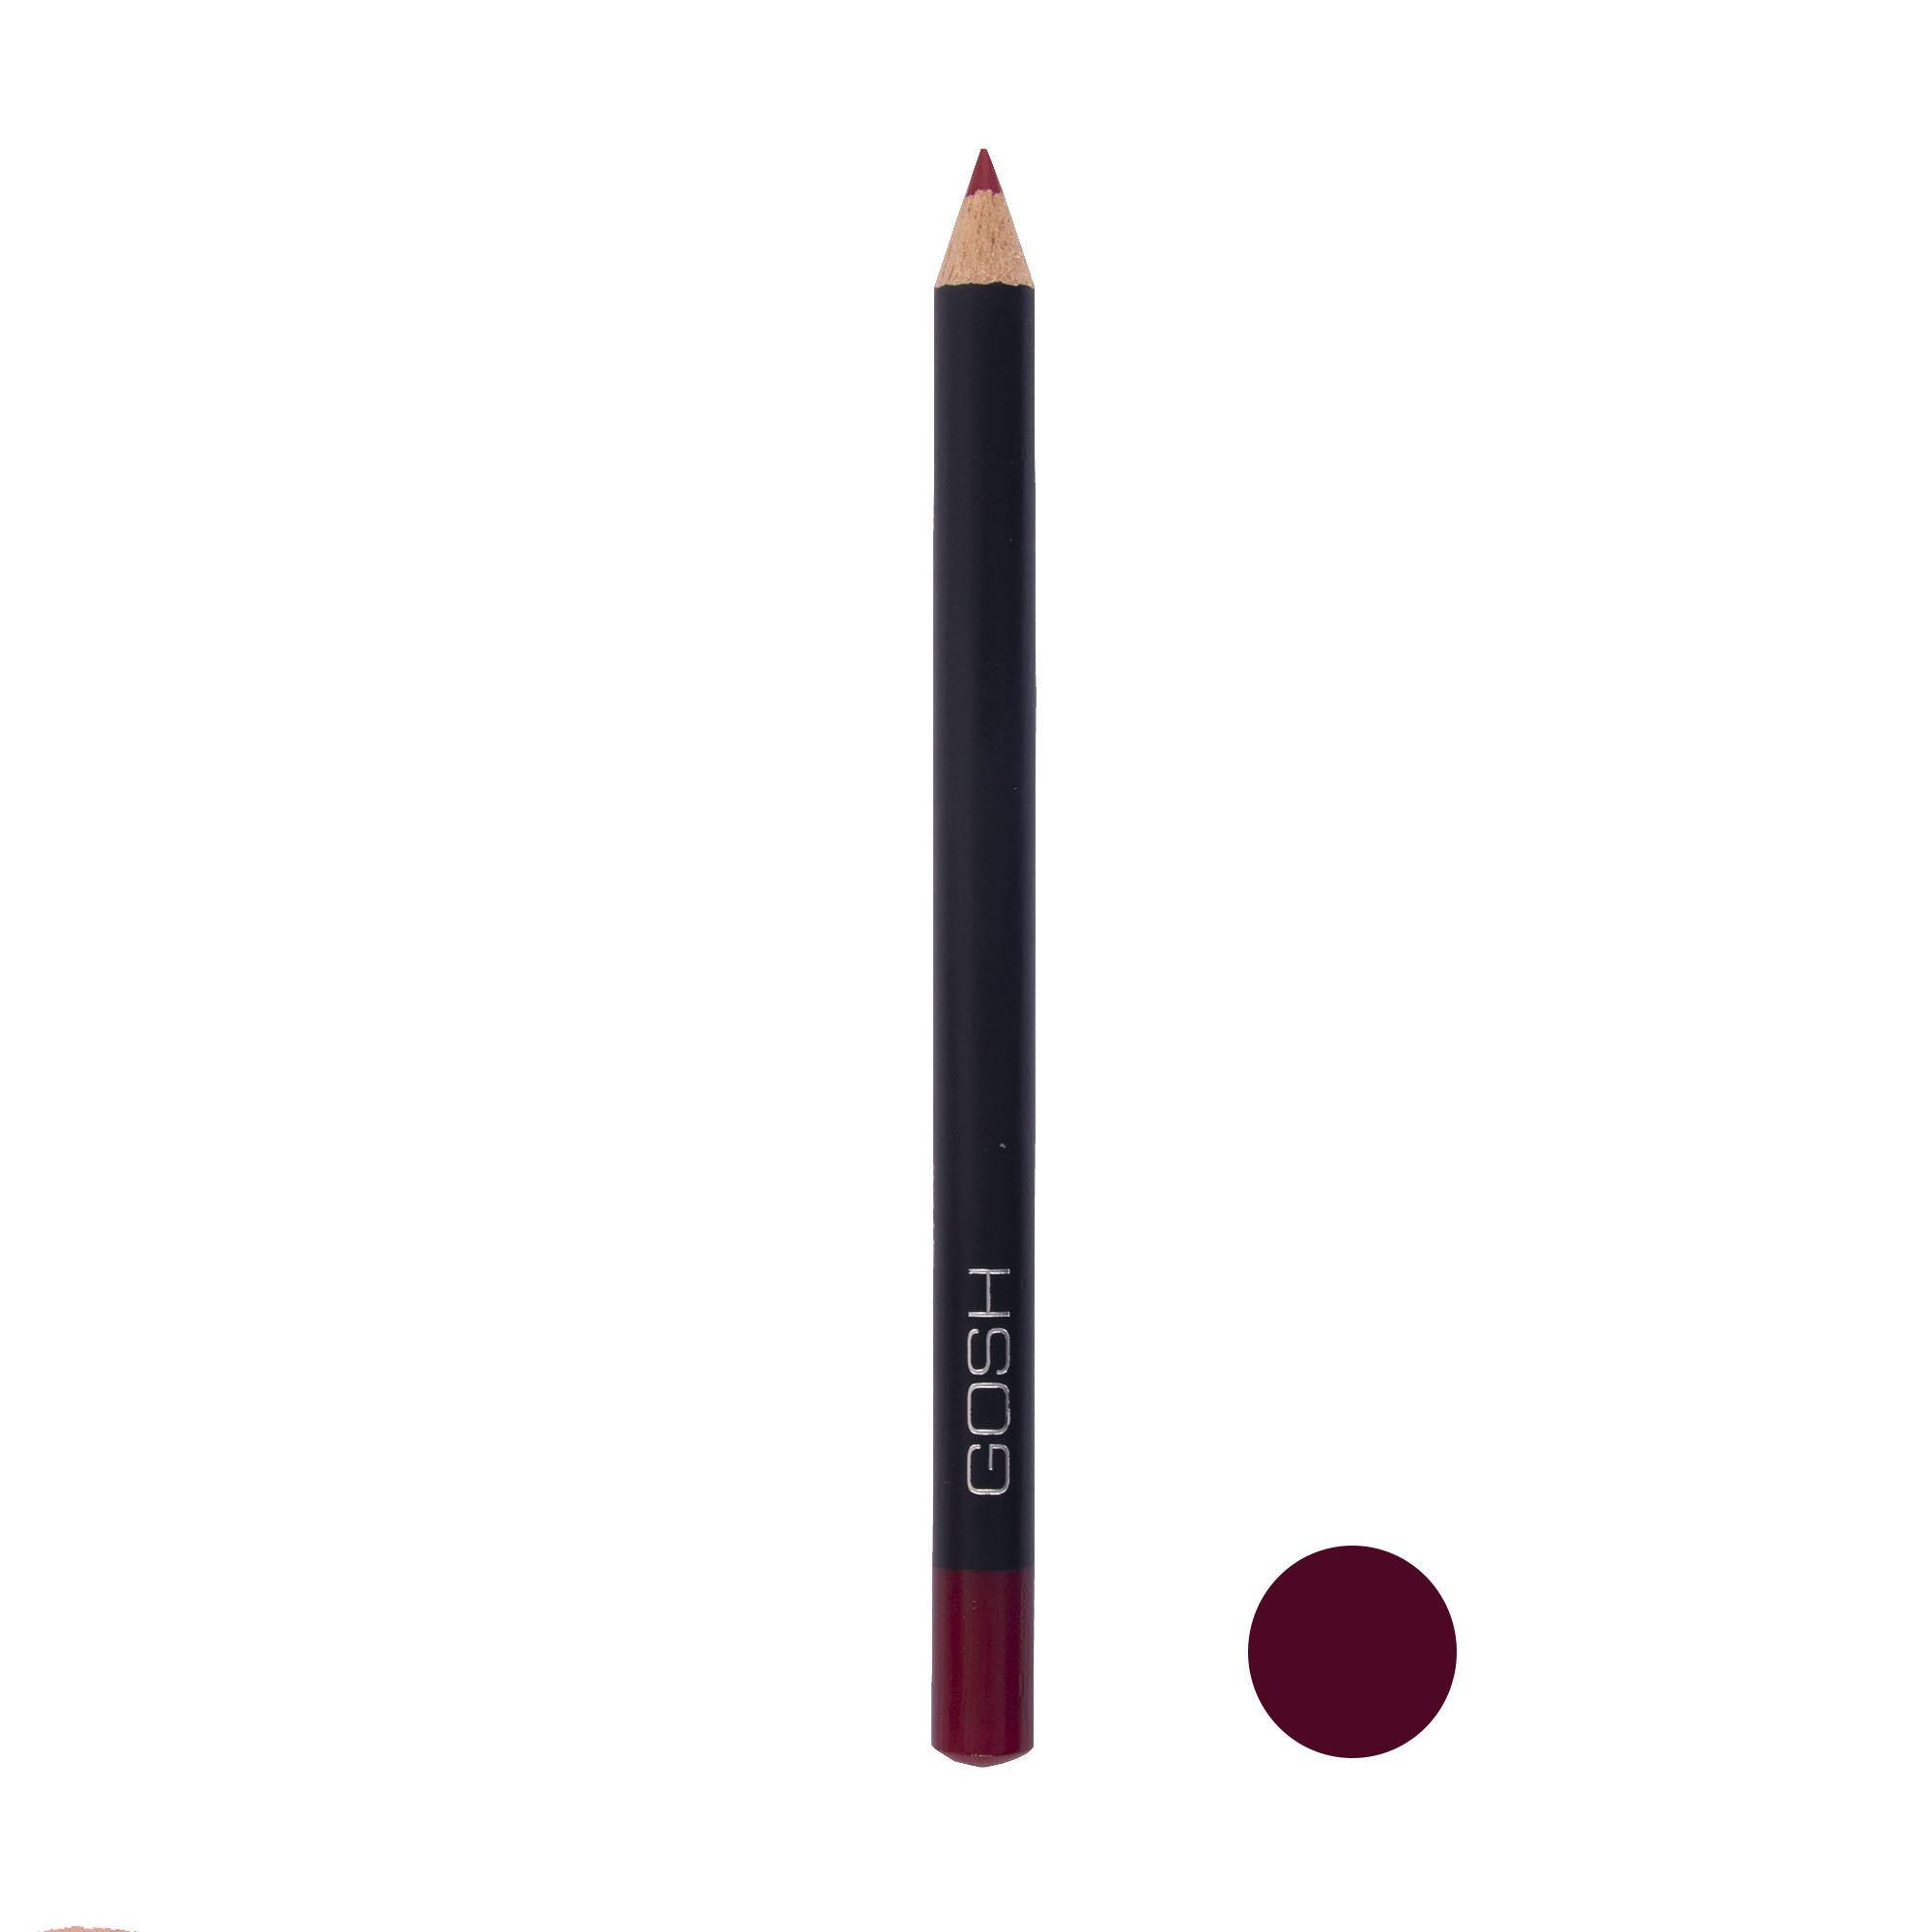 مداد لب گاش مدل ولوت تاچ شماره 245